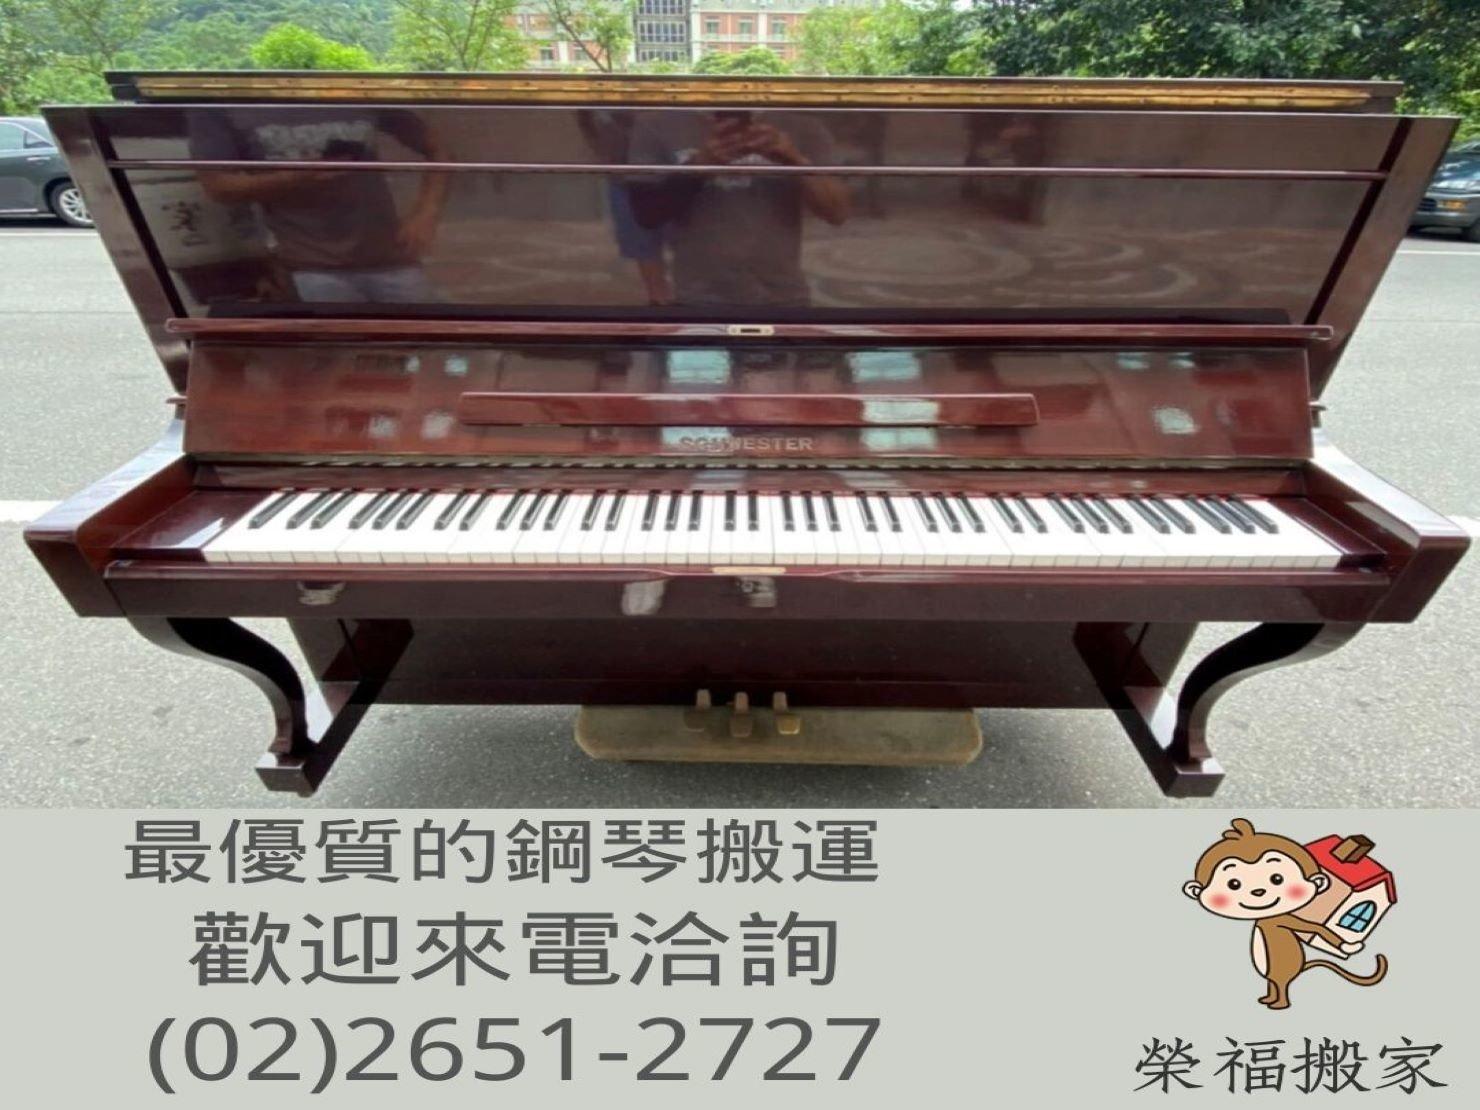 【鋼琴搬運】專搬鋼琴指名No1-榮福搬家公司專搬鋼琴以服務各式各樣鋼琴包裝搬運